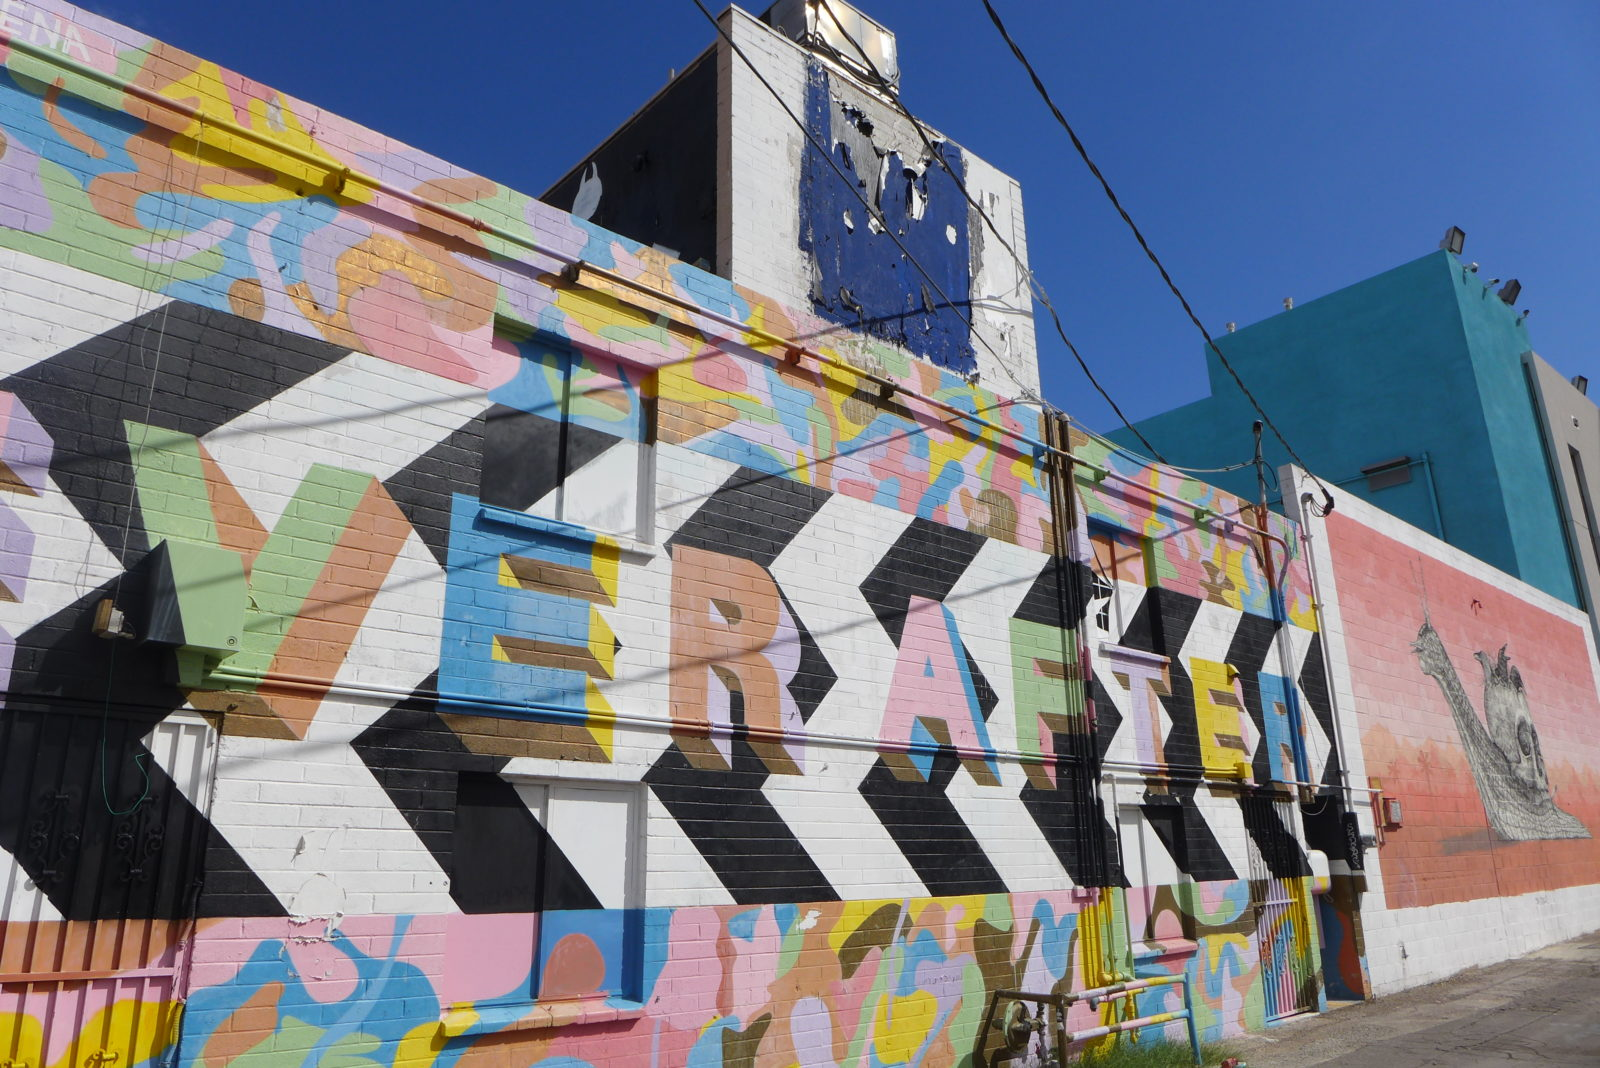 arturbain lasvegas street art murals radar graffitiLakwena - À Las Vegas, un festival de street art et musique revitalise un quartier en perdition